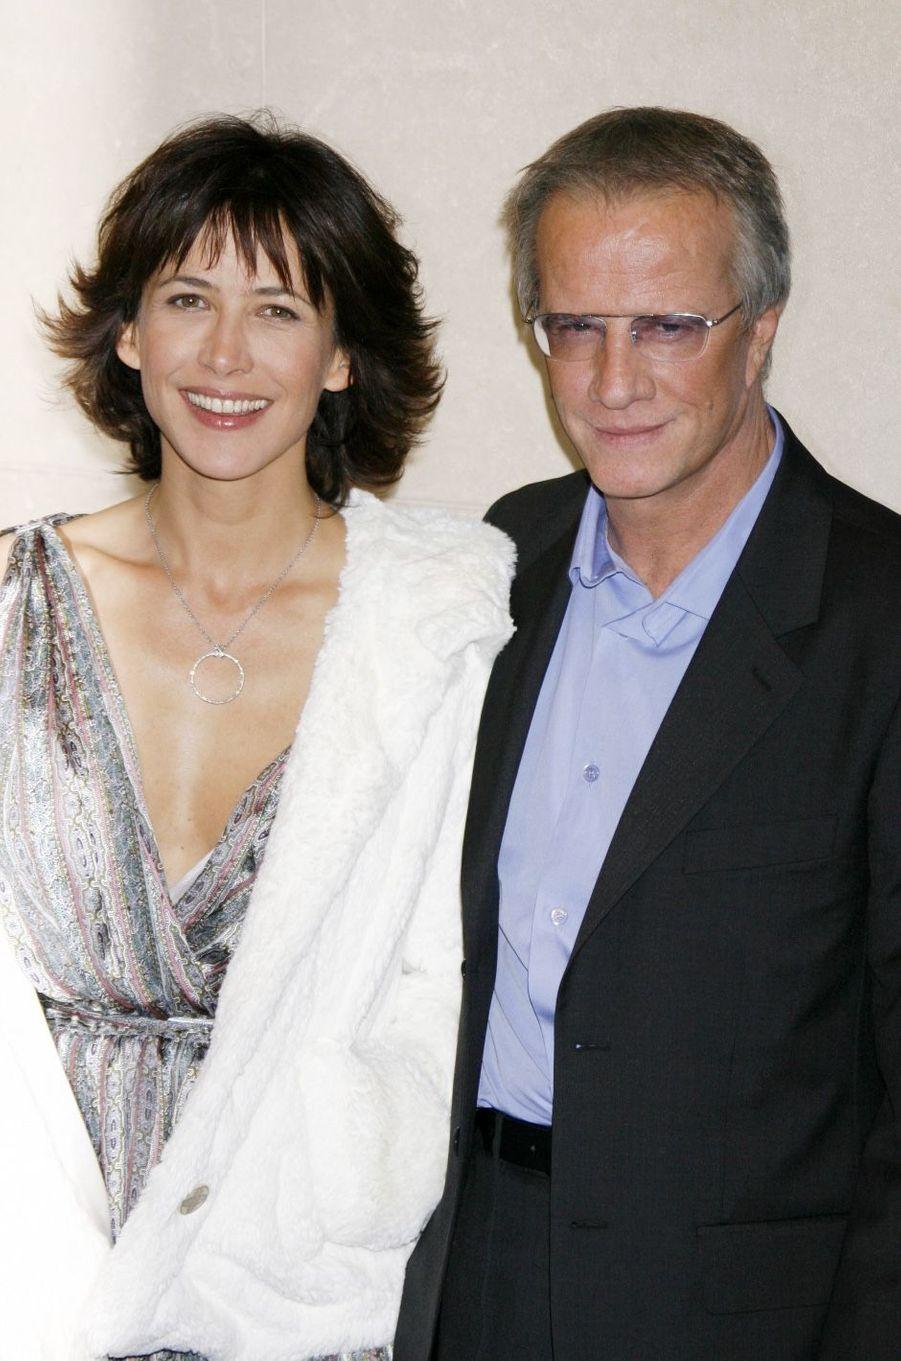 Sophie Marceau et Christophe Lambert en 2009. Leur couple a duré sept ans, de 2007 à 2014.